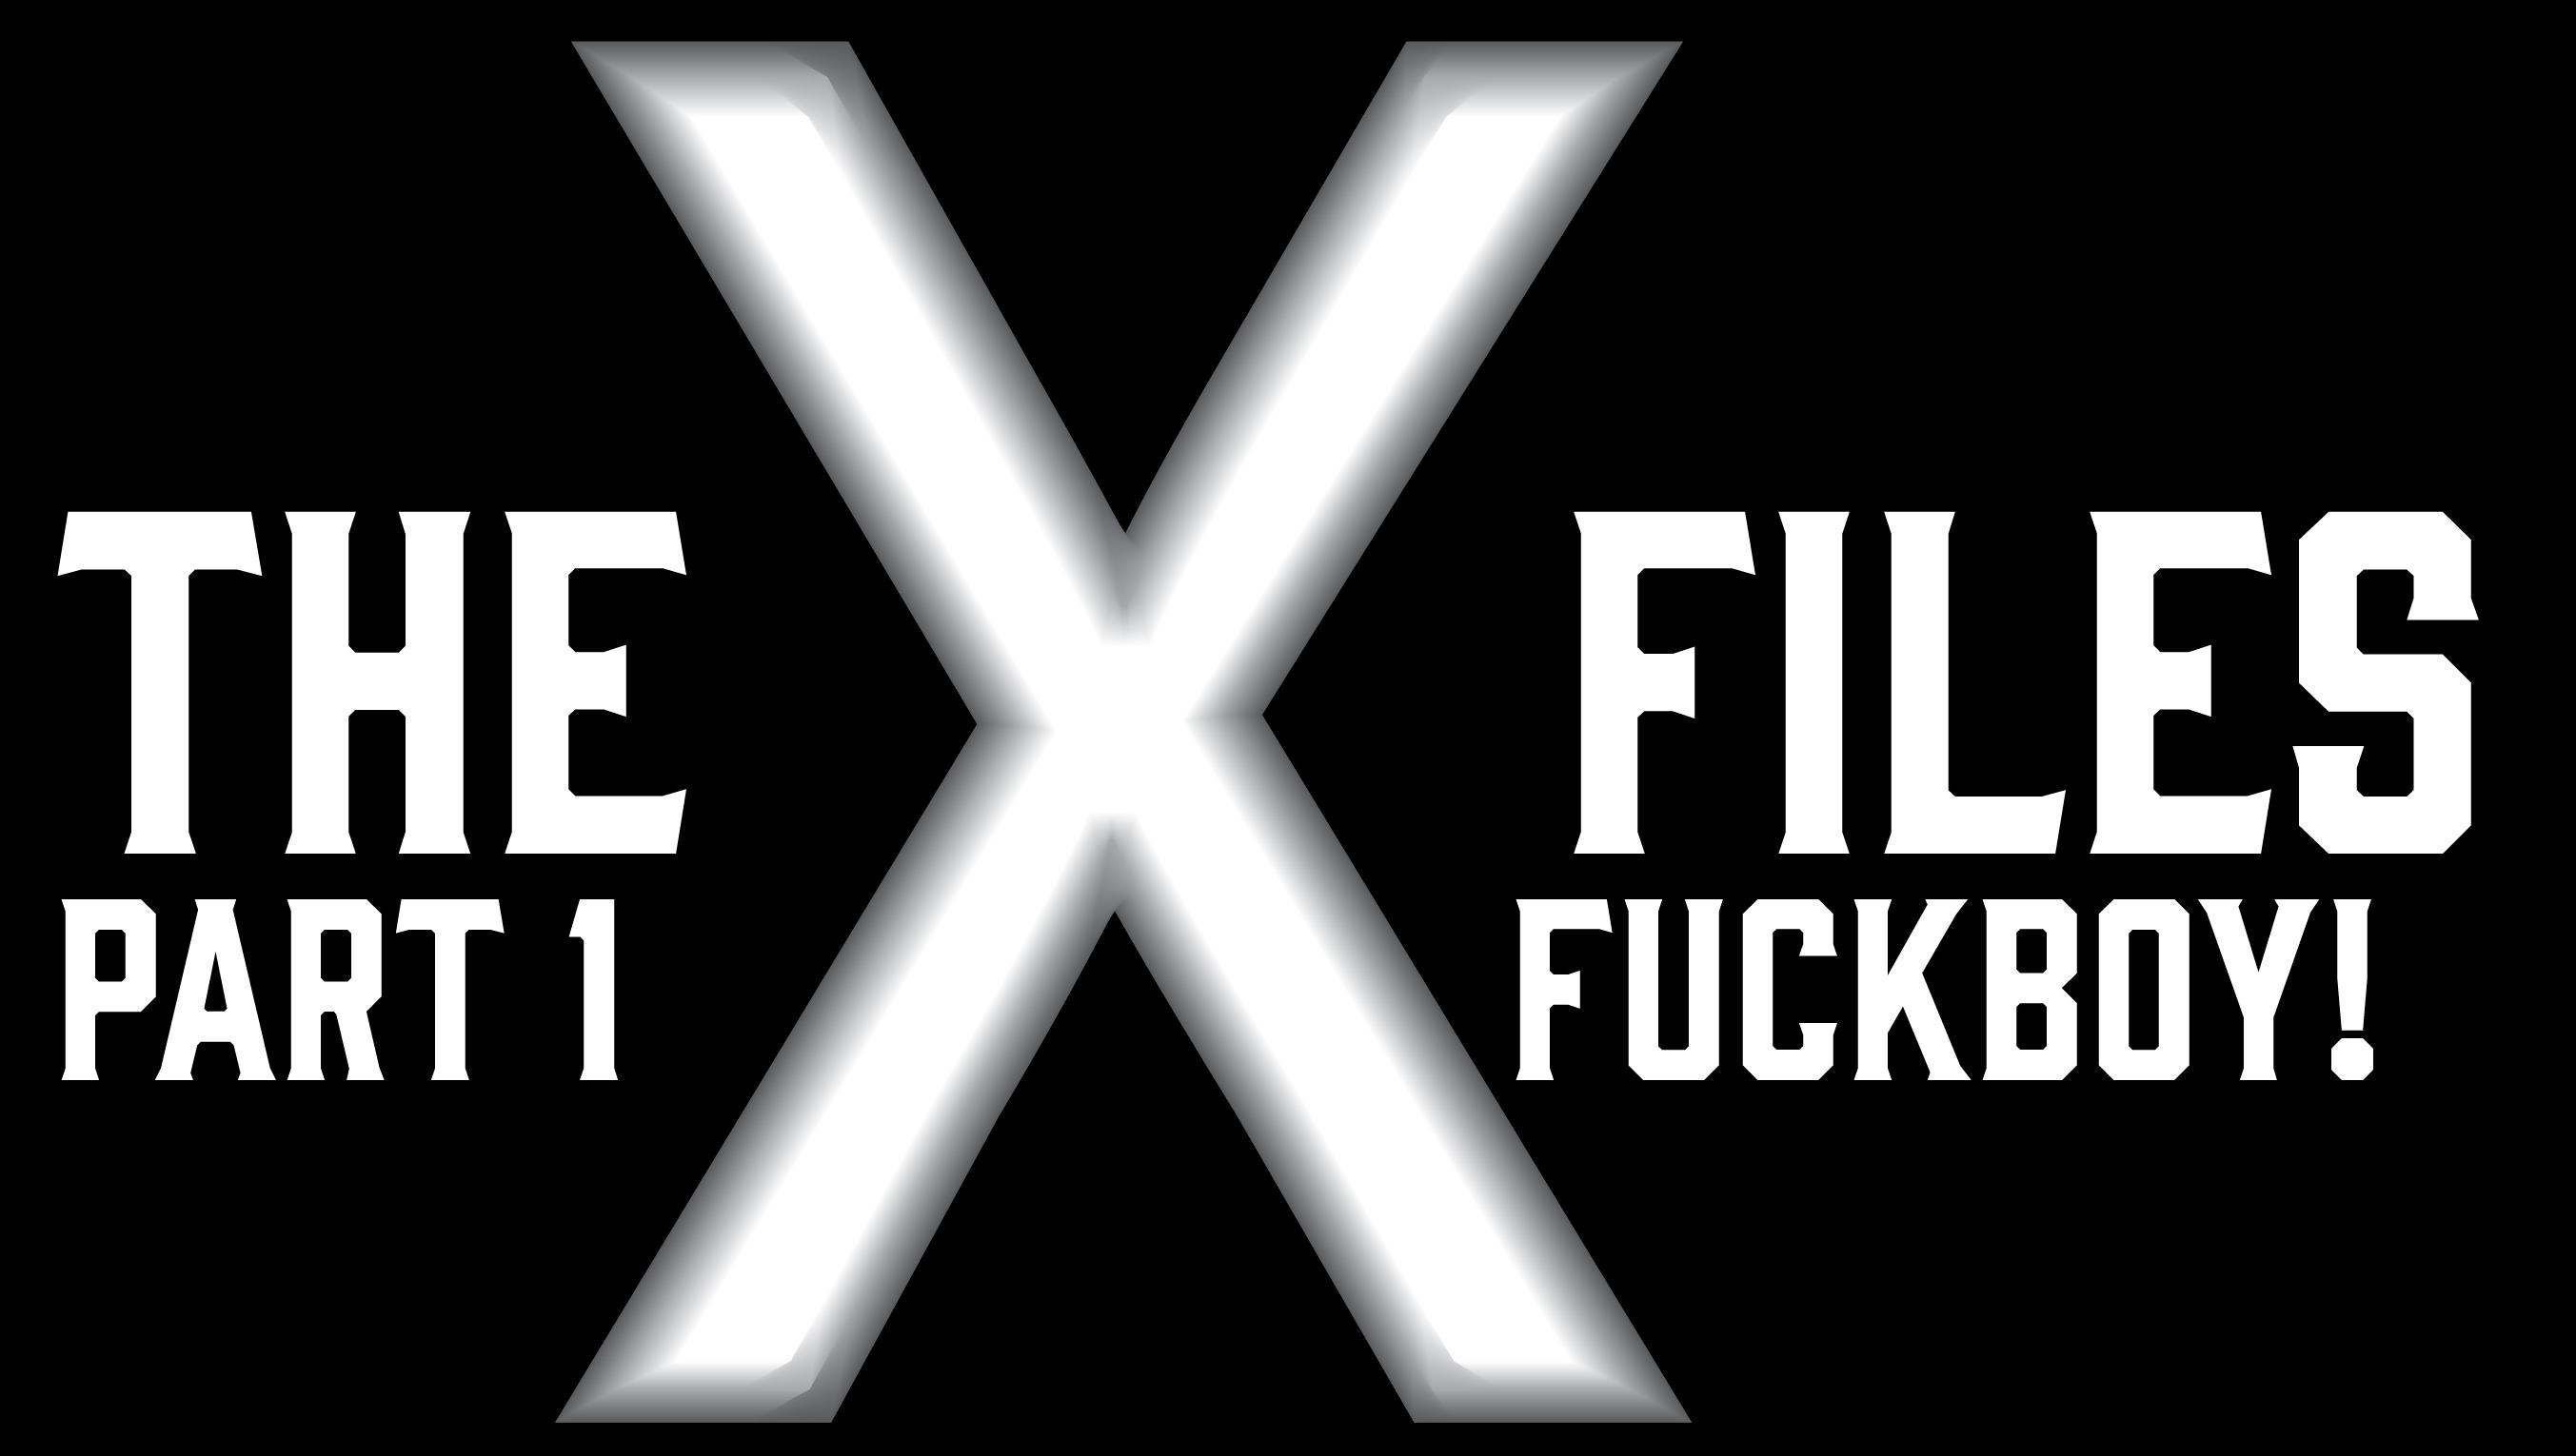 X-FILES_FUCKBOY HEADER_PT1-01